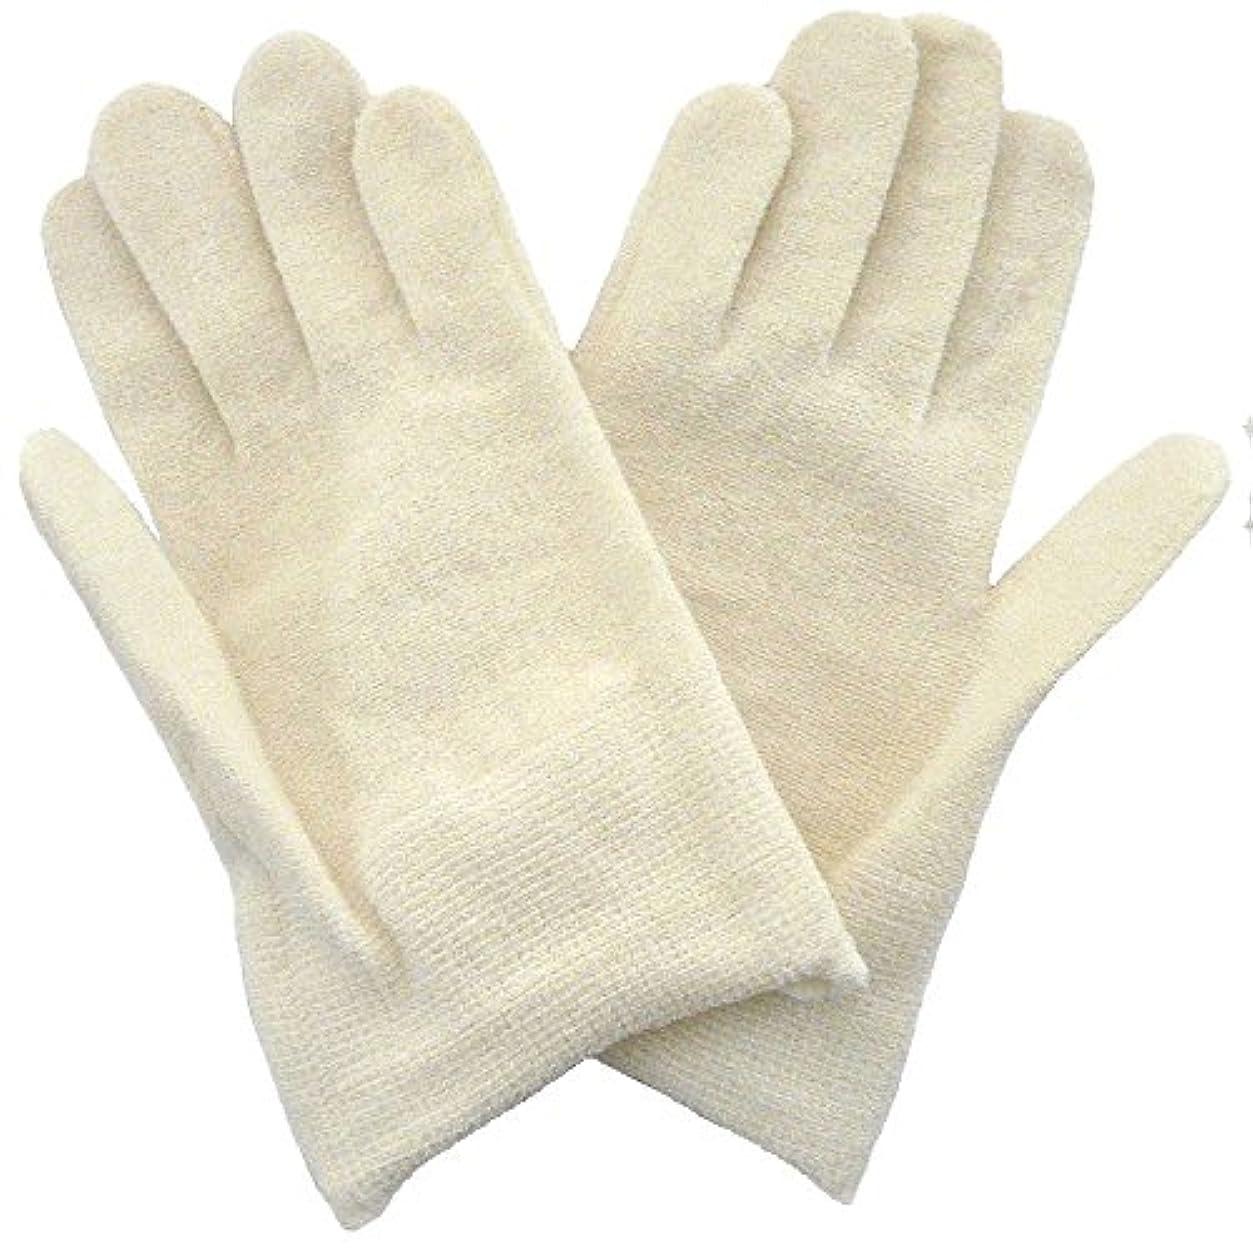 花嫁手伝う攻撃的【アトピー】【水疱瘡】【皮膚炎】 ナノミックス おやすみ手袋:キッズ用 アイボリー